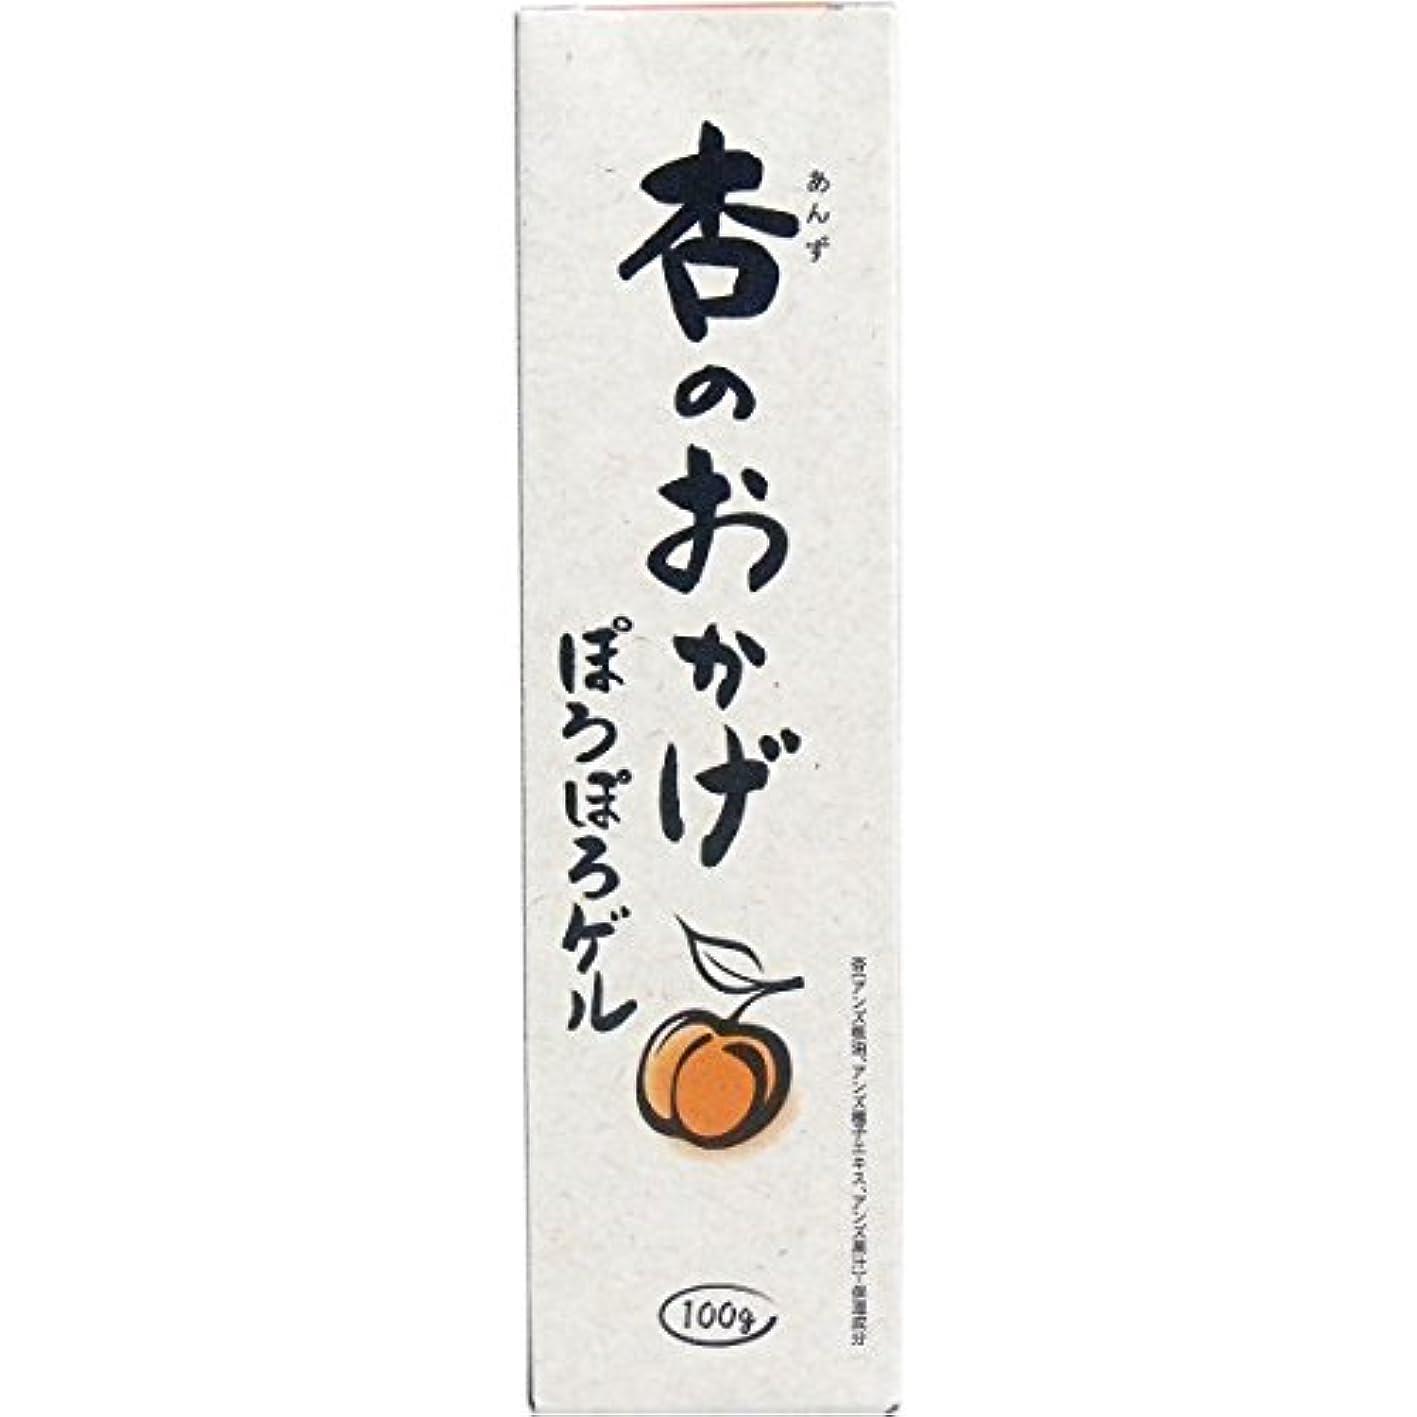 溝決定する群れ杏のおかげ ぽろぽろゲル 100g